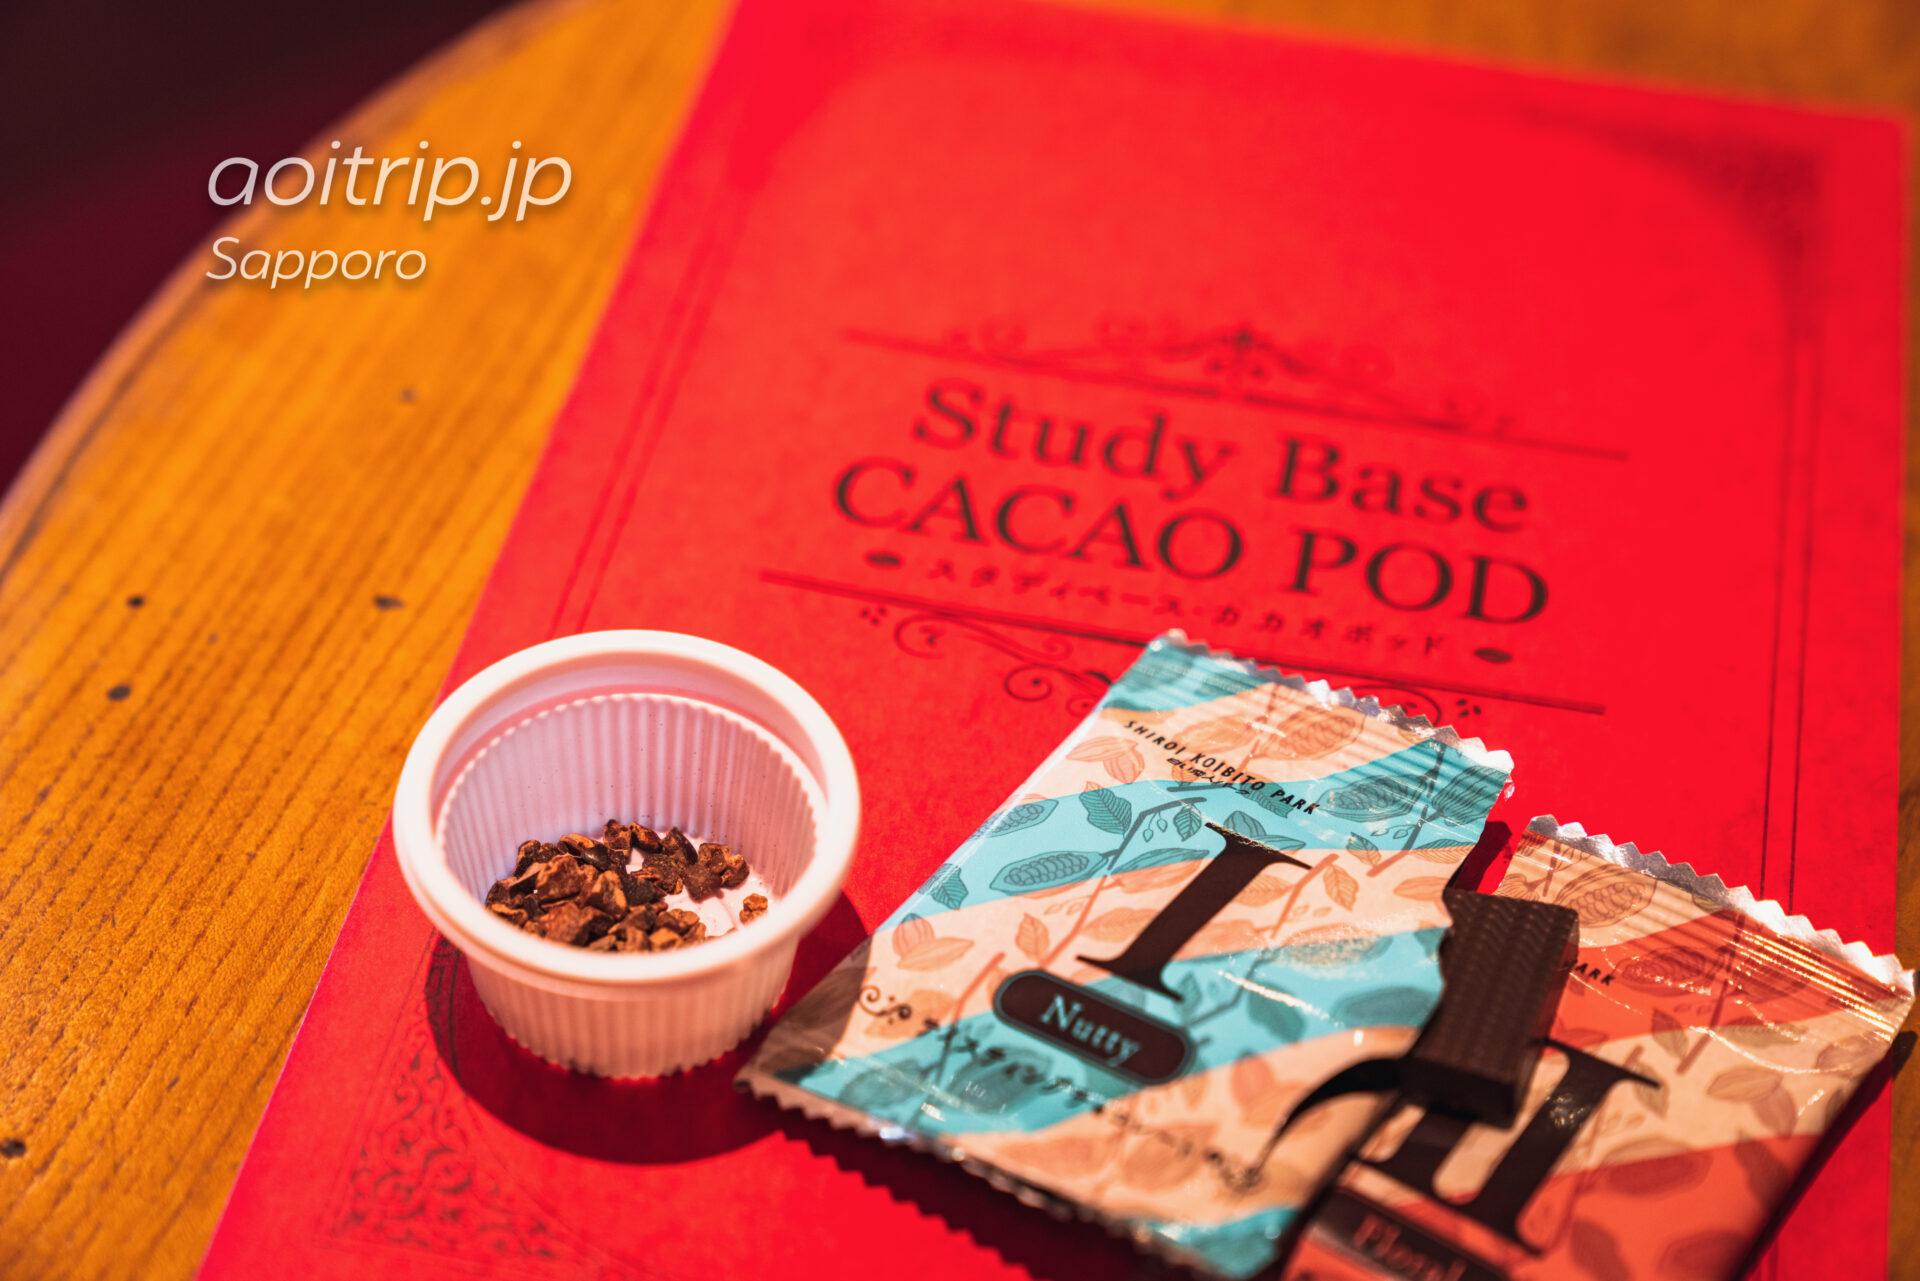 スタディベース カカオポッド Study Base CACAO POD